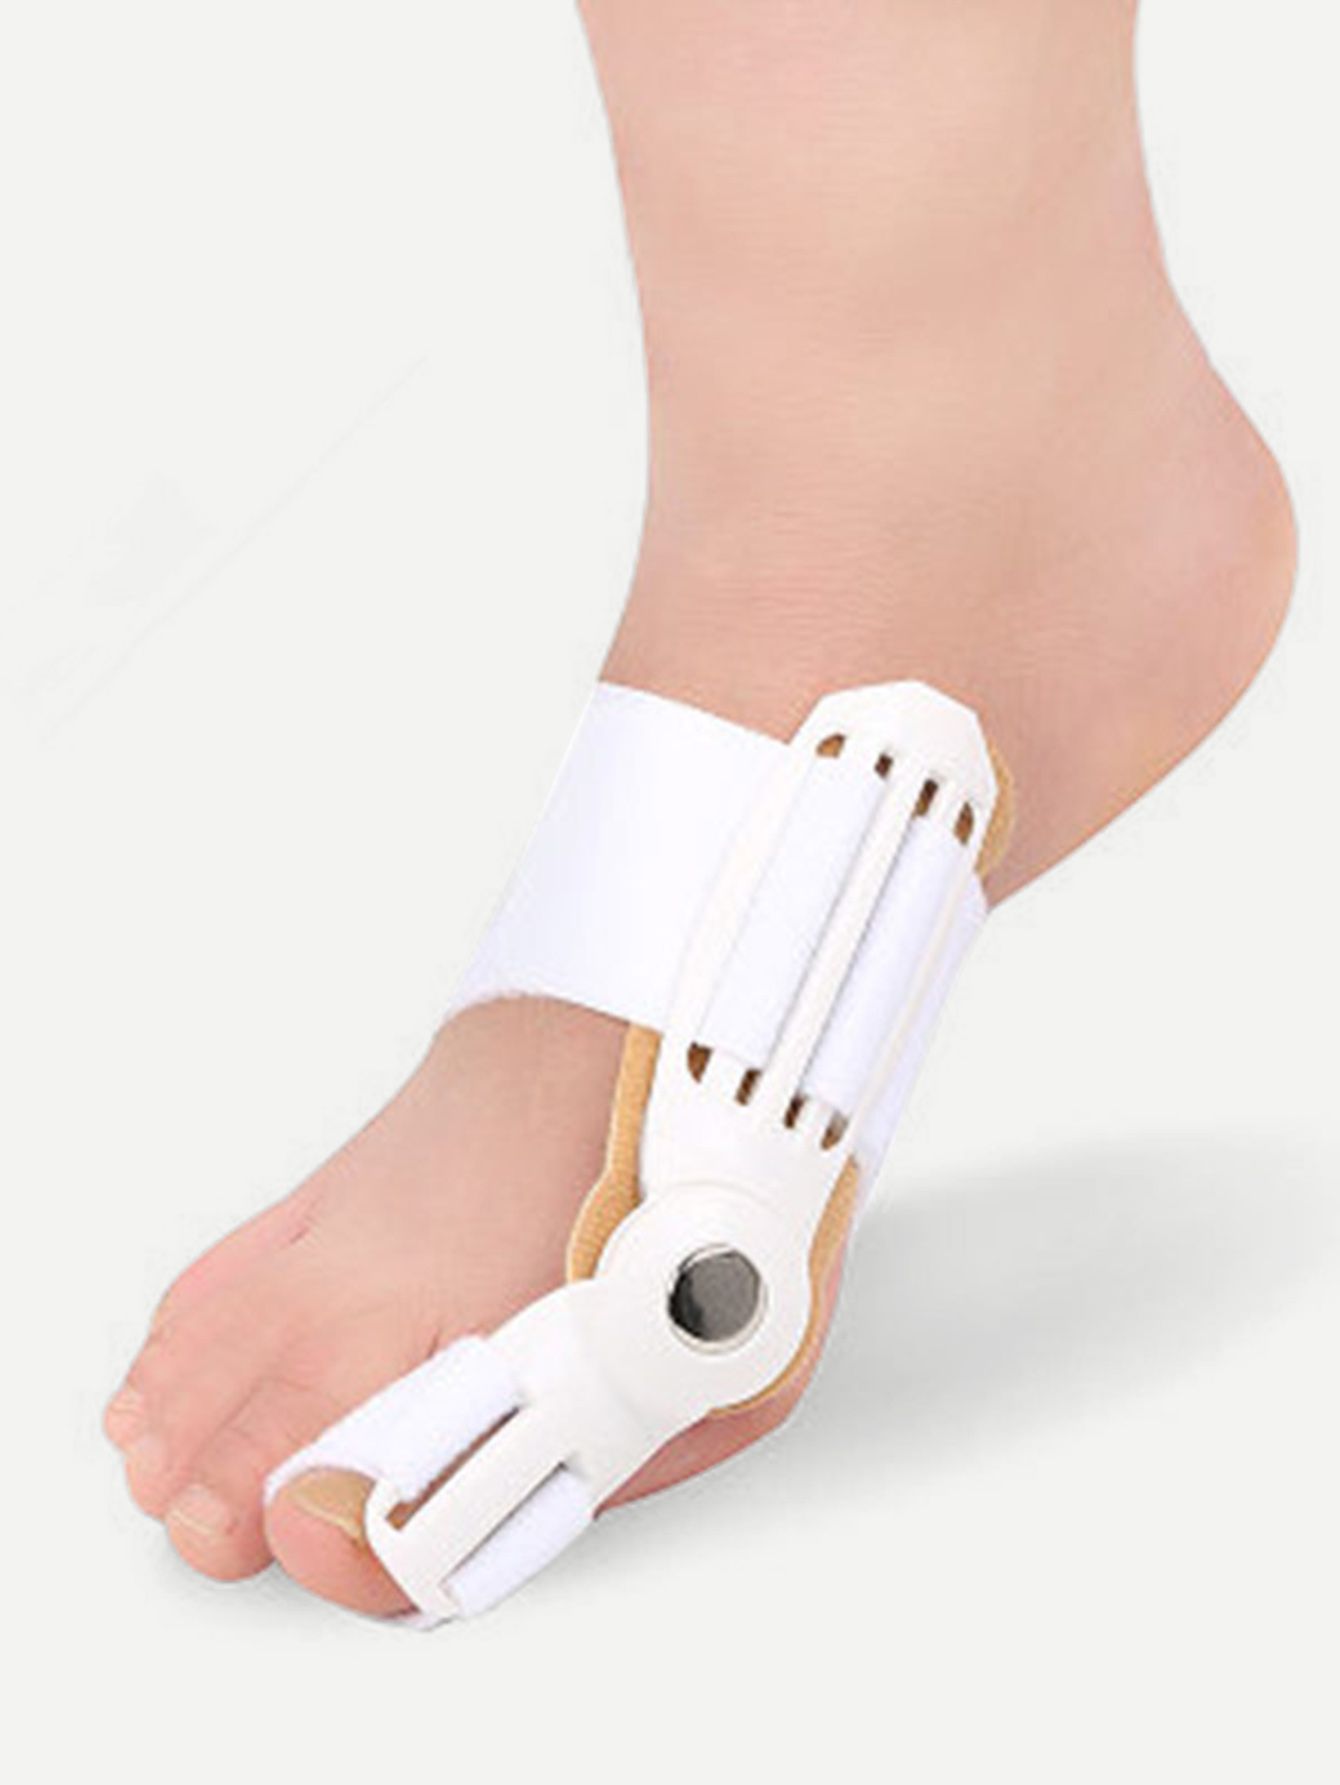 Купить Корректирующее устройство для большой пальца 1 пара, null, SheIn